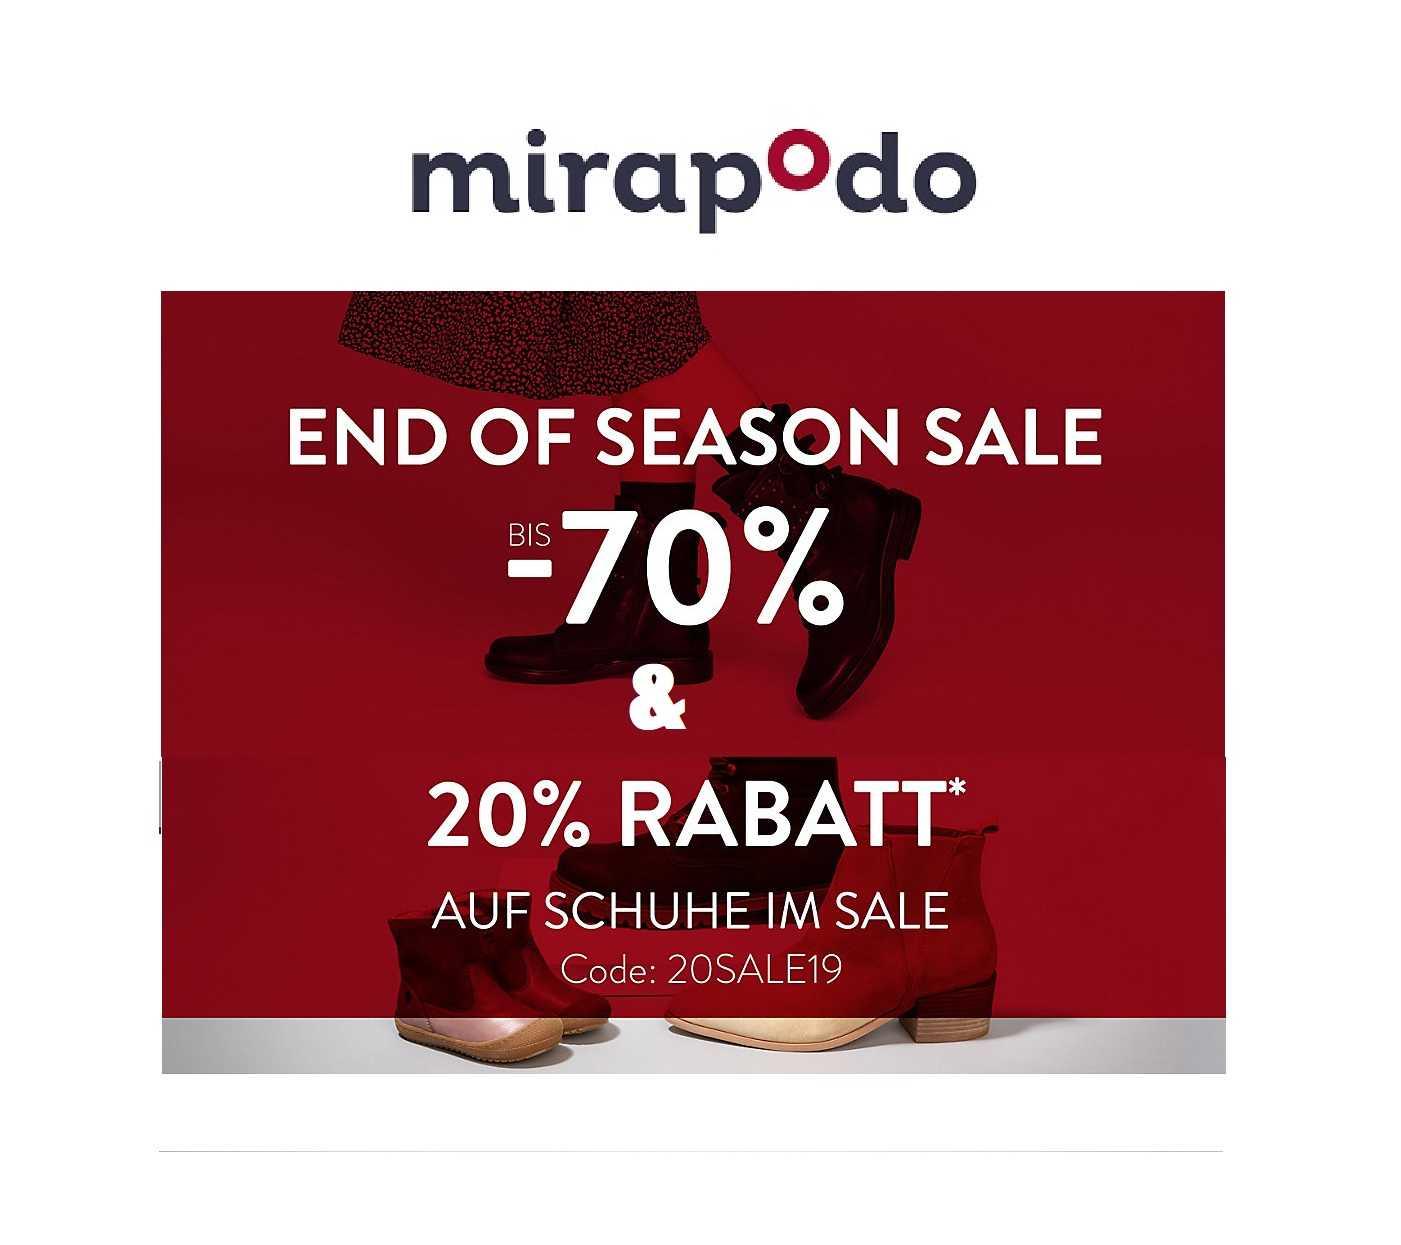 11c3a8fedad2c1 mirapodo  Schuhe im End of Season Sale mit bis zu 70% Rabatt + 20%  Extra-Rabatt!